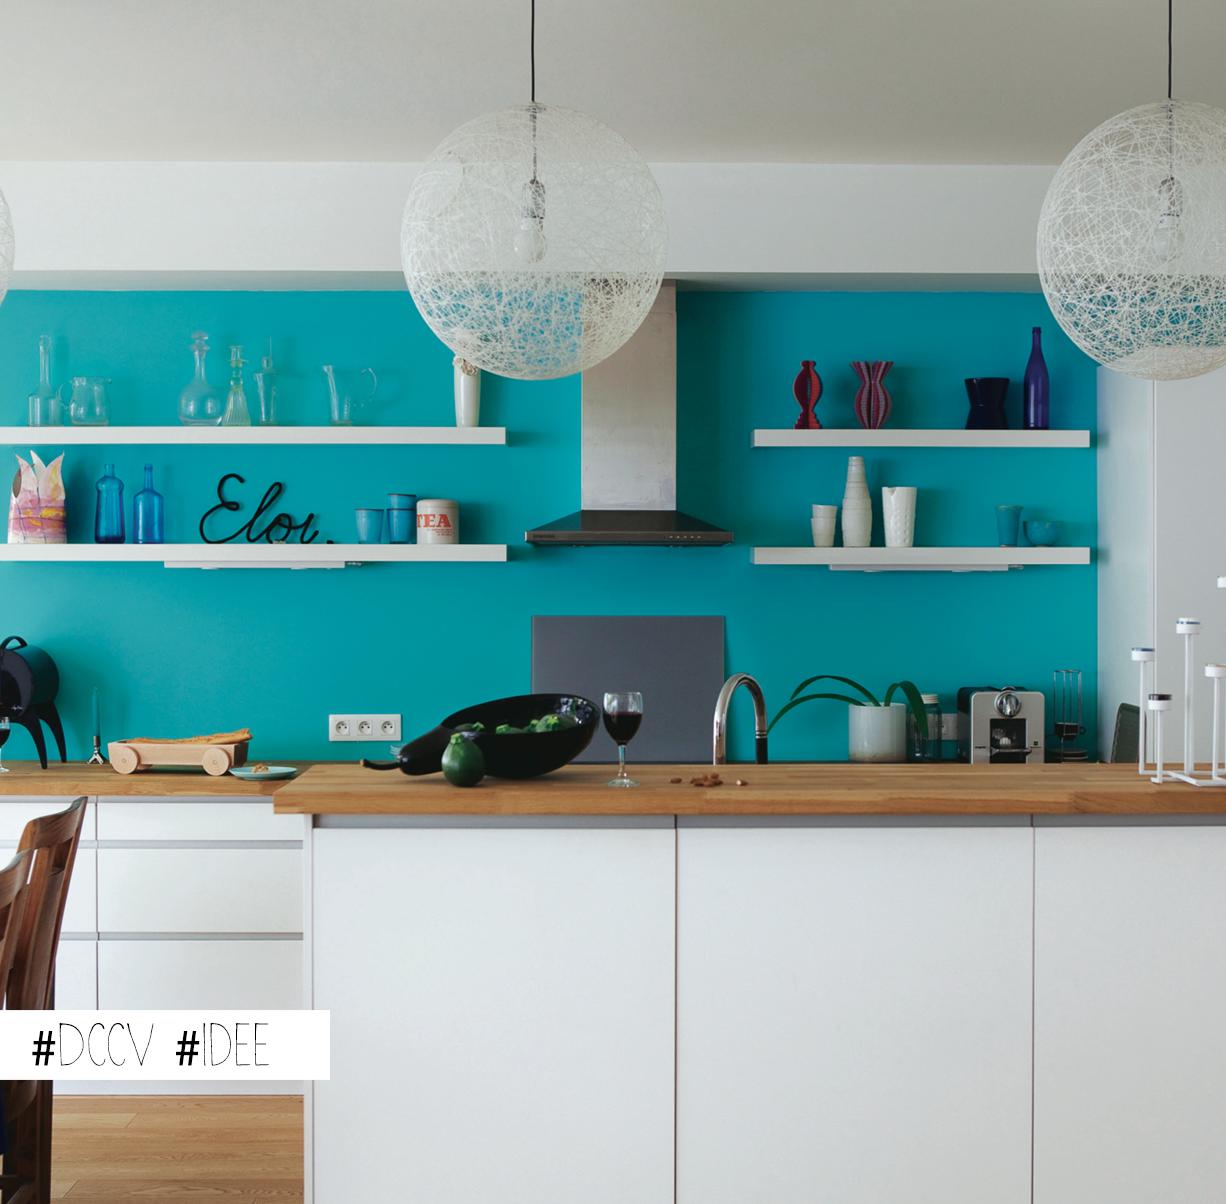 Cuisine Blanche Et Bleu idée maline : égayer une cuisine blanche en peignant le mur